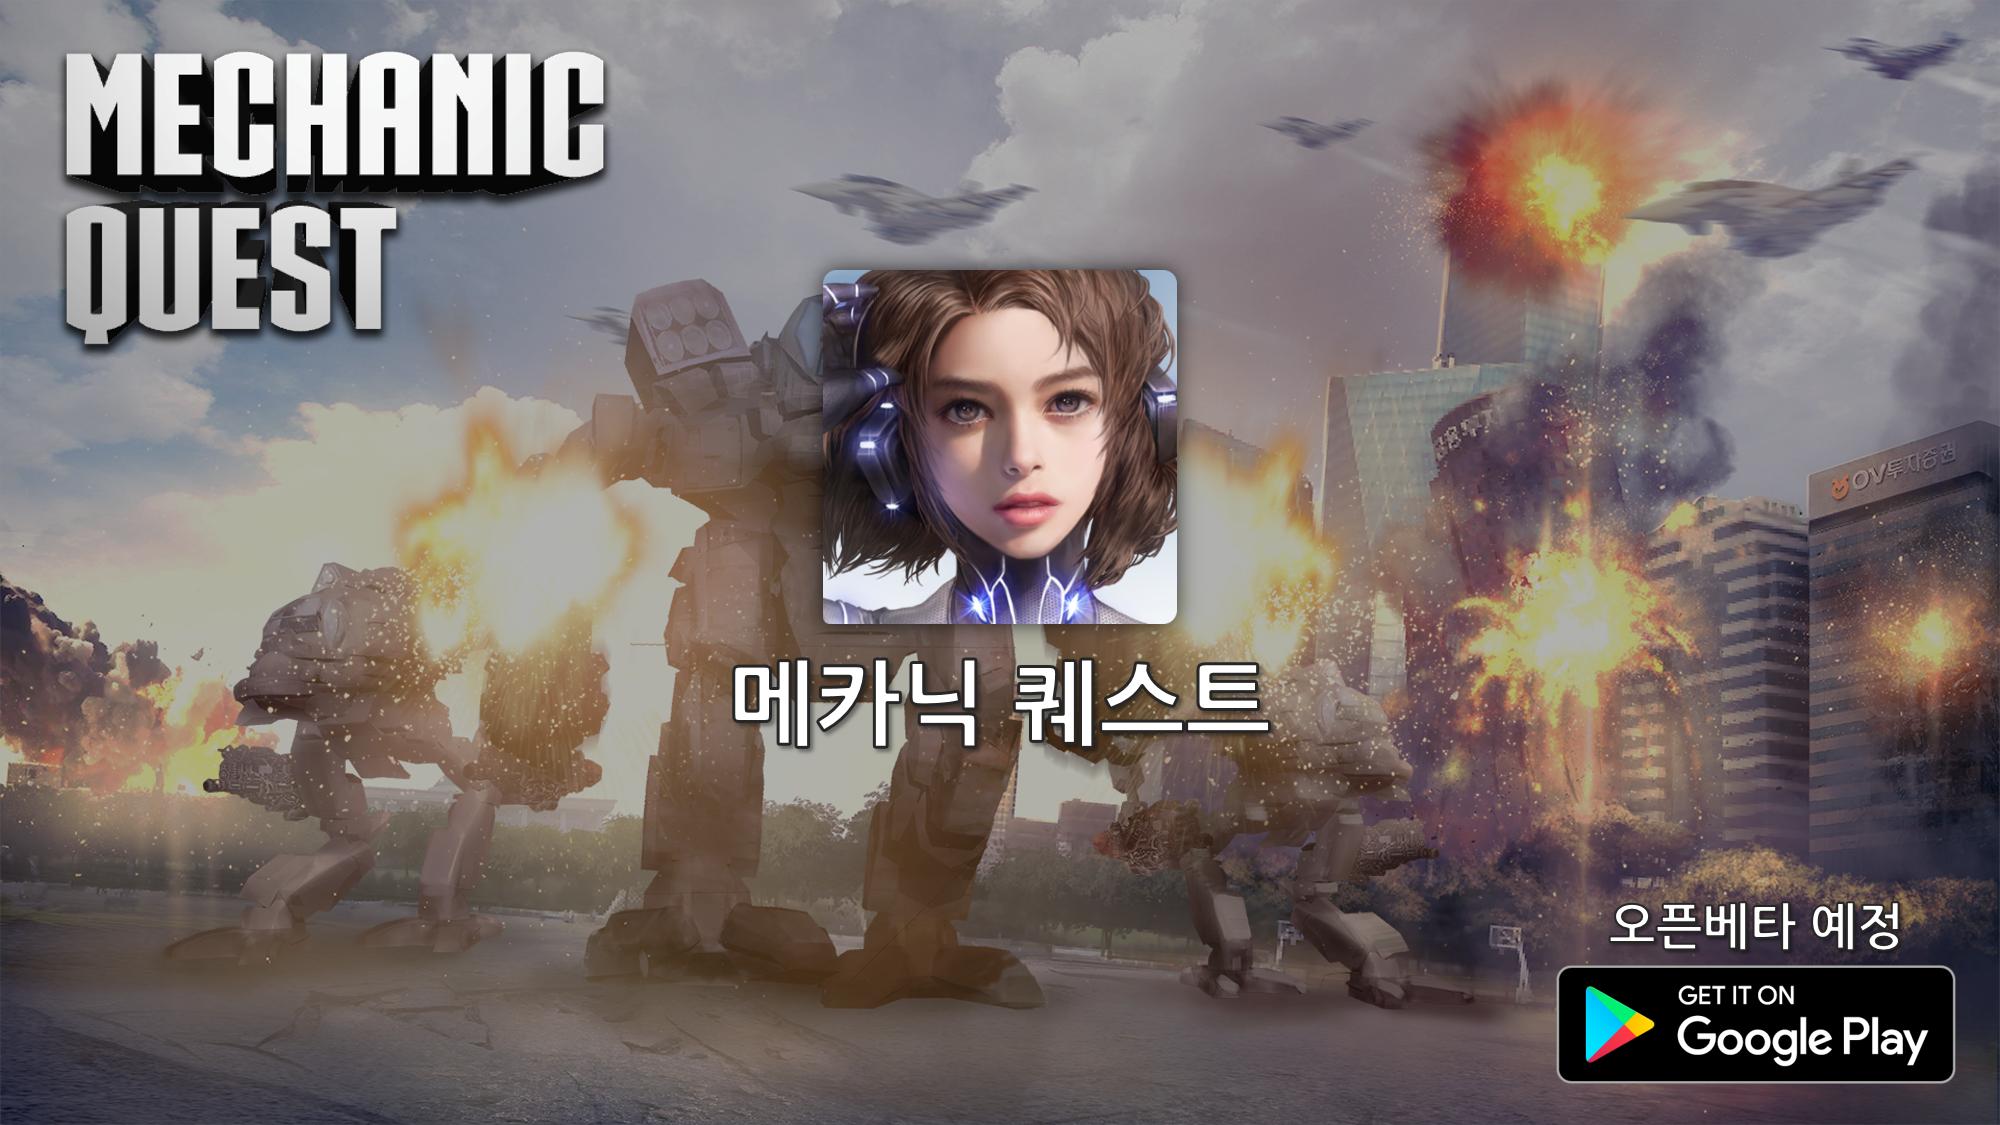 [MWU Korea '18] 메카닉 퀘스트(Mechanic Quest)